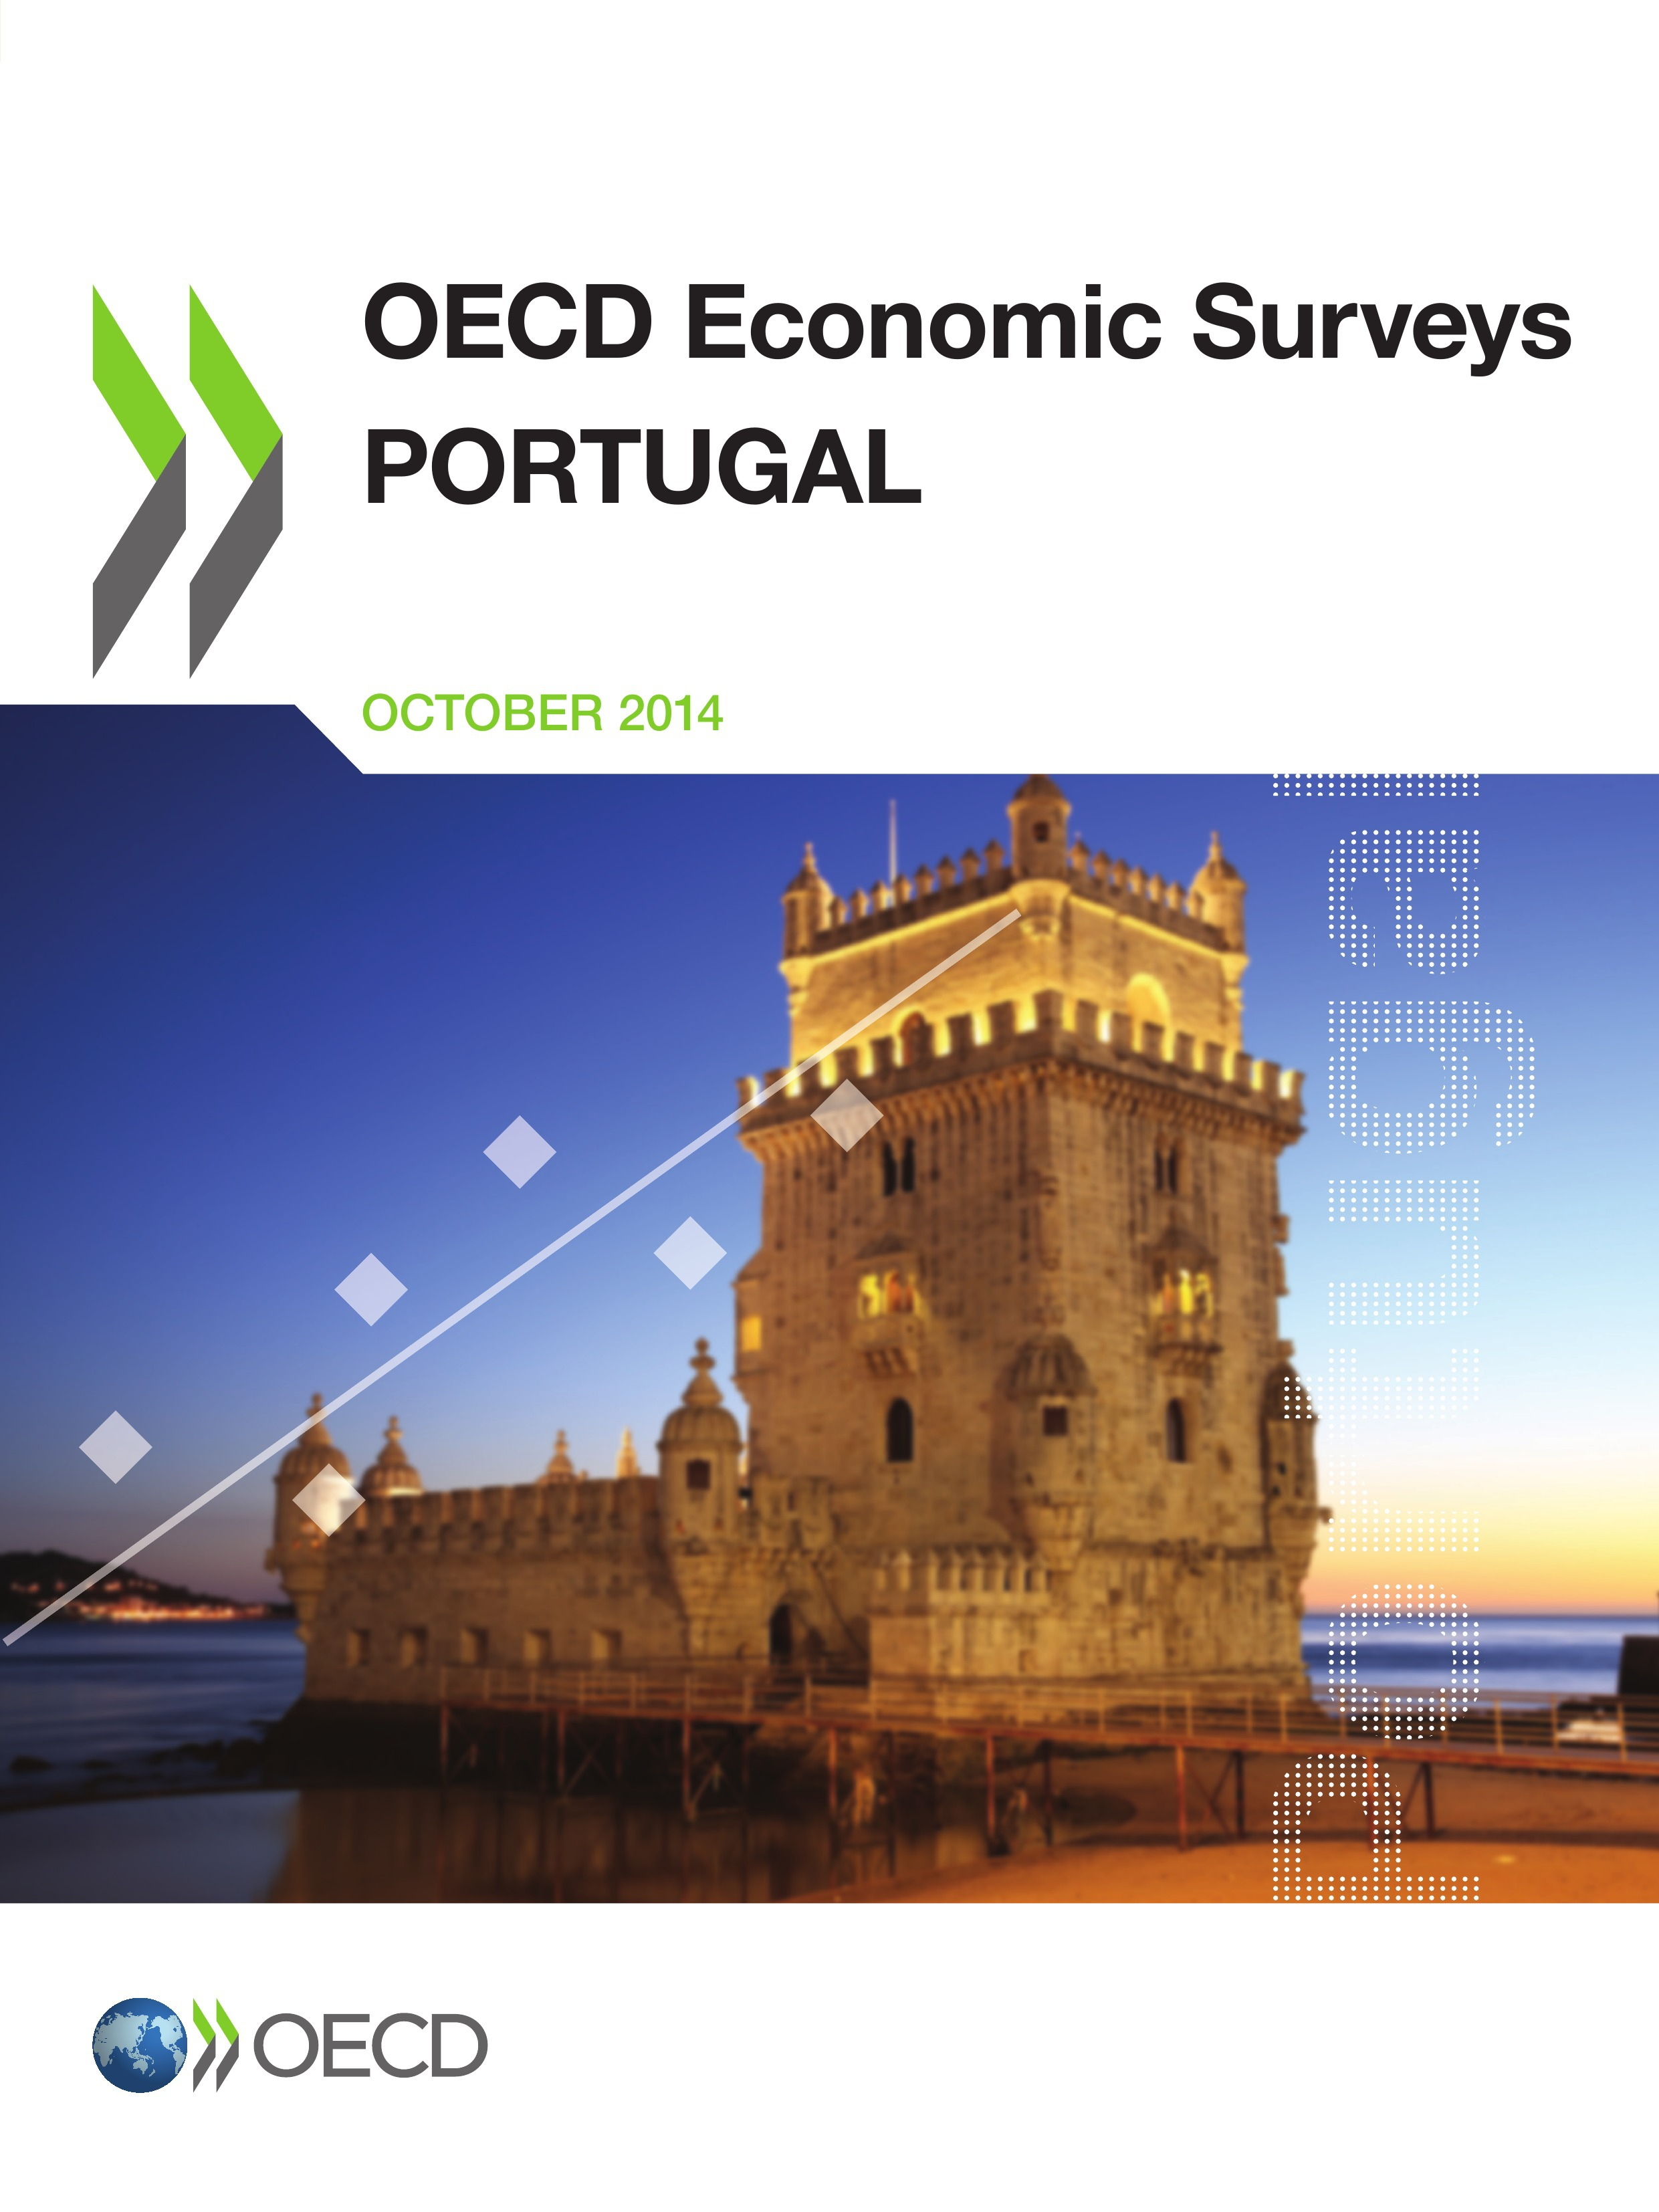 OECD economic surveys : Portugal (édition 2014)